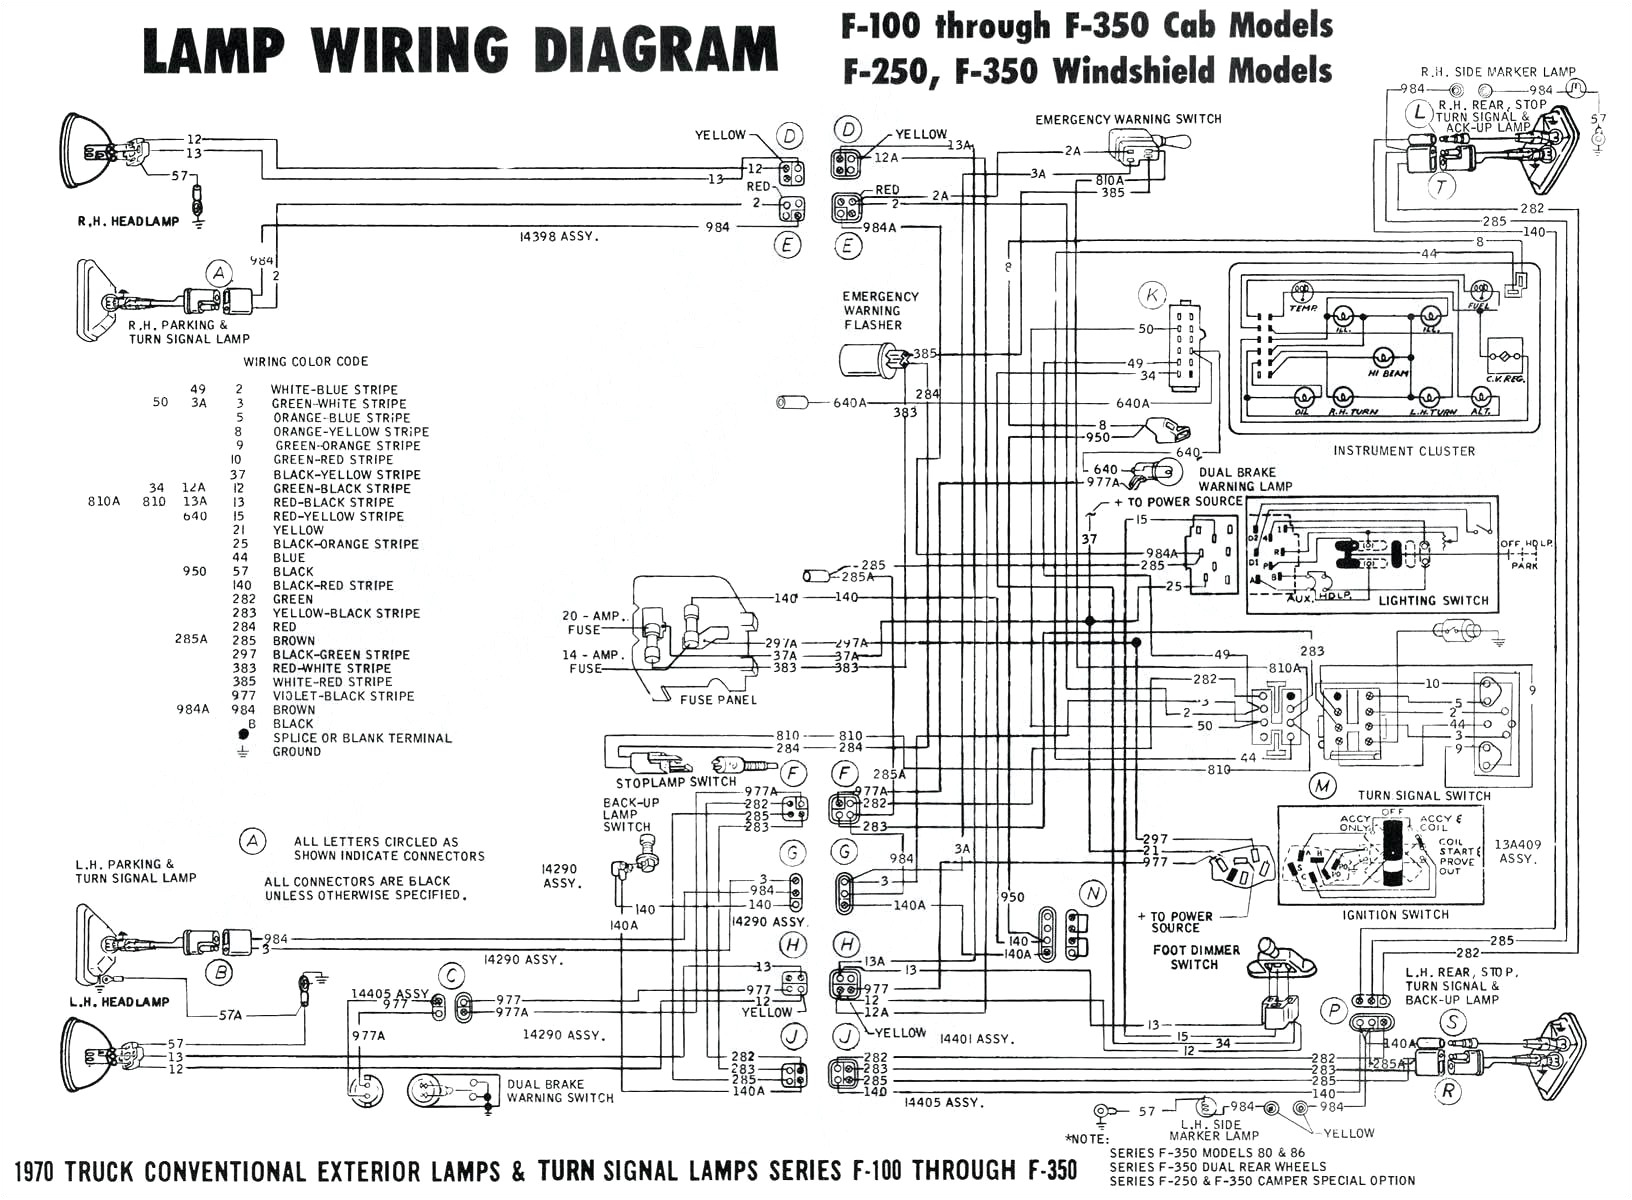 jasco generator wiring diagram wiring diagram user jasco alternator wiring diagram